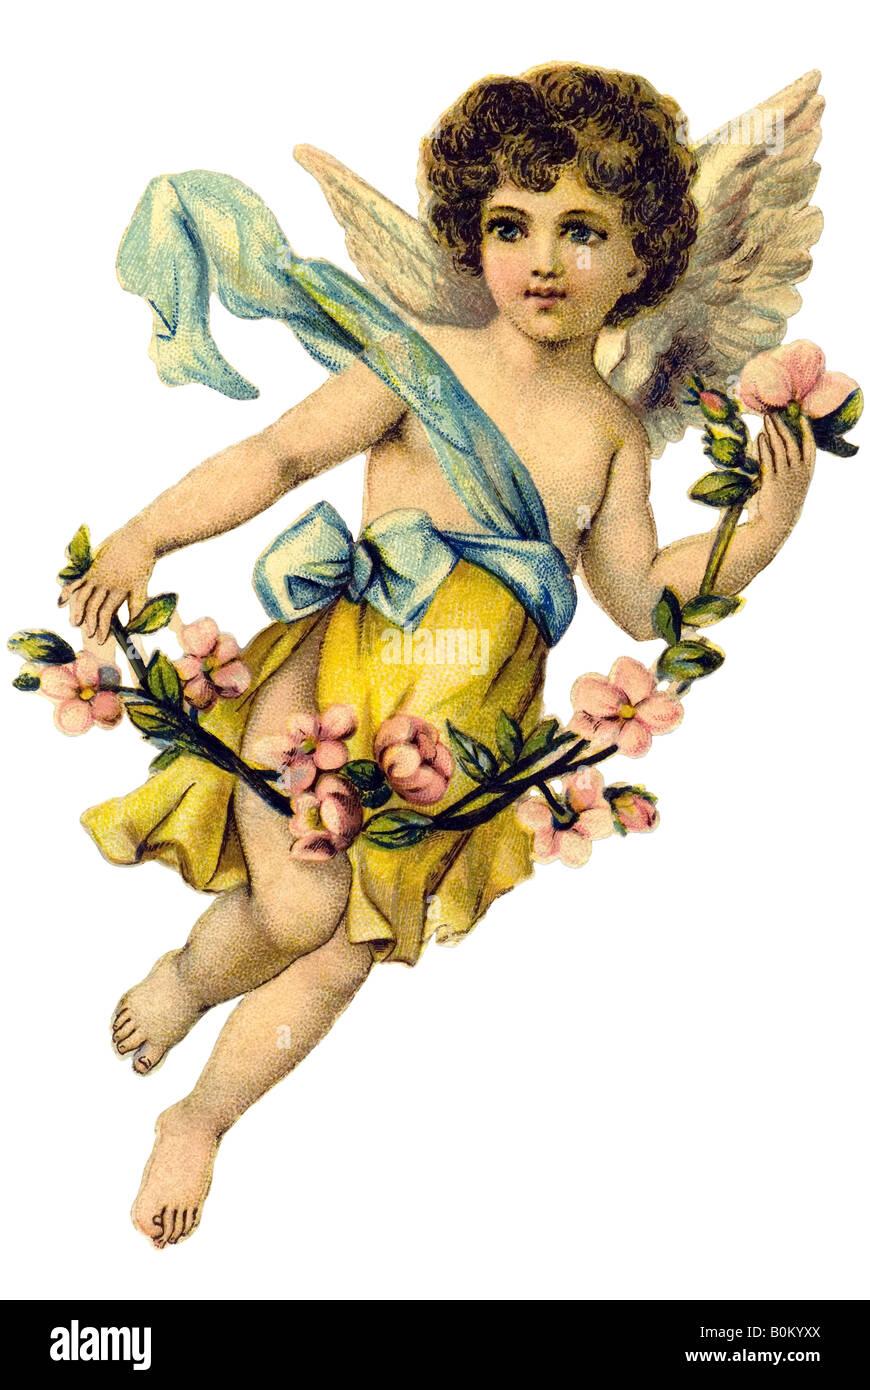 Angelboy con flor de cerezo rama alemana del siglo XIX. Imagen De Stock